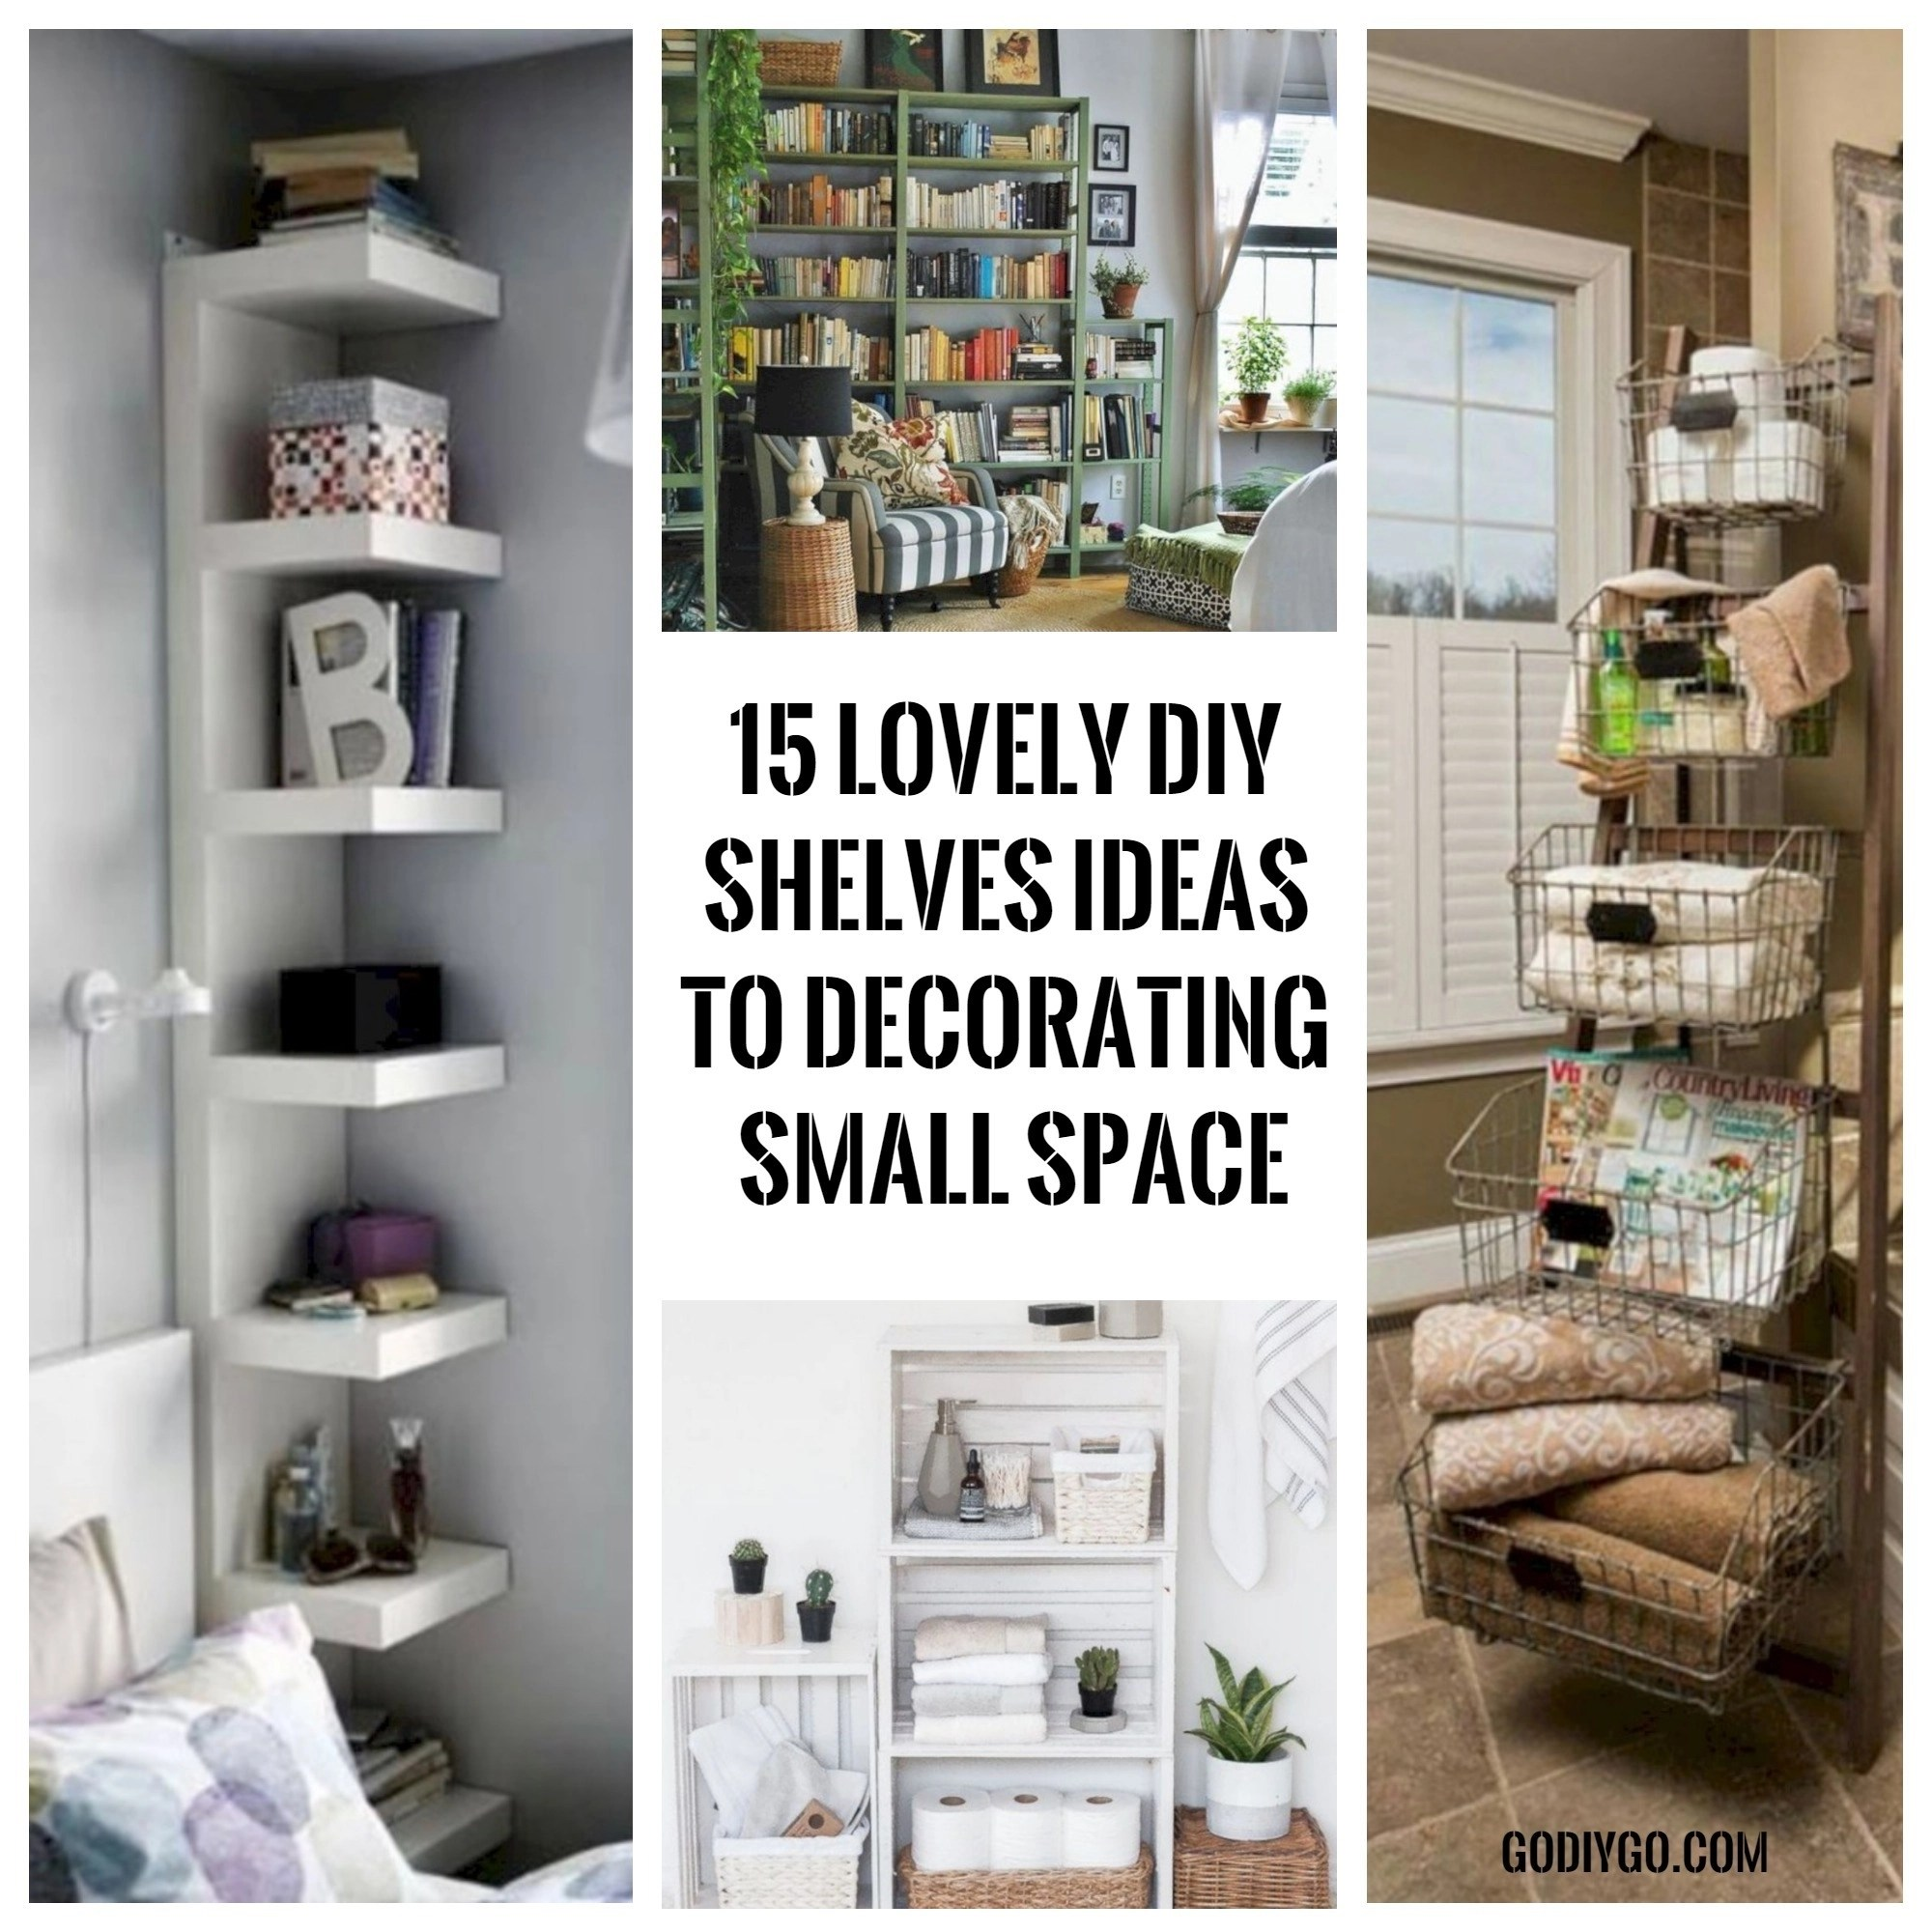 15 lovely diy shelves ideas to decorating small space godiygo com rh godiygo com Small Desk with Shelves Small Desk with Shelves